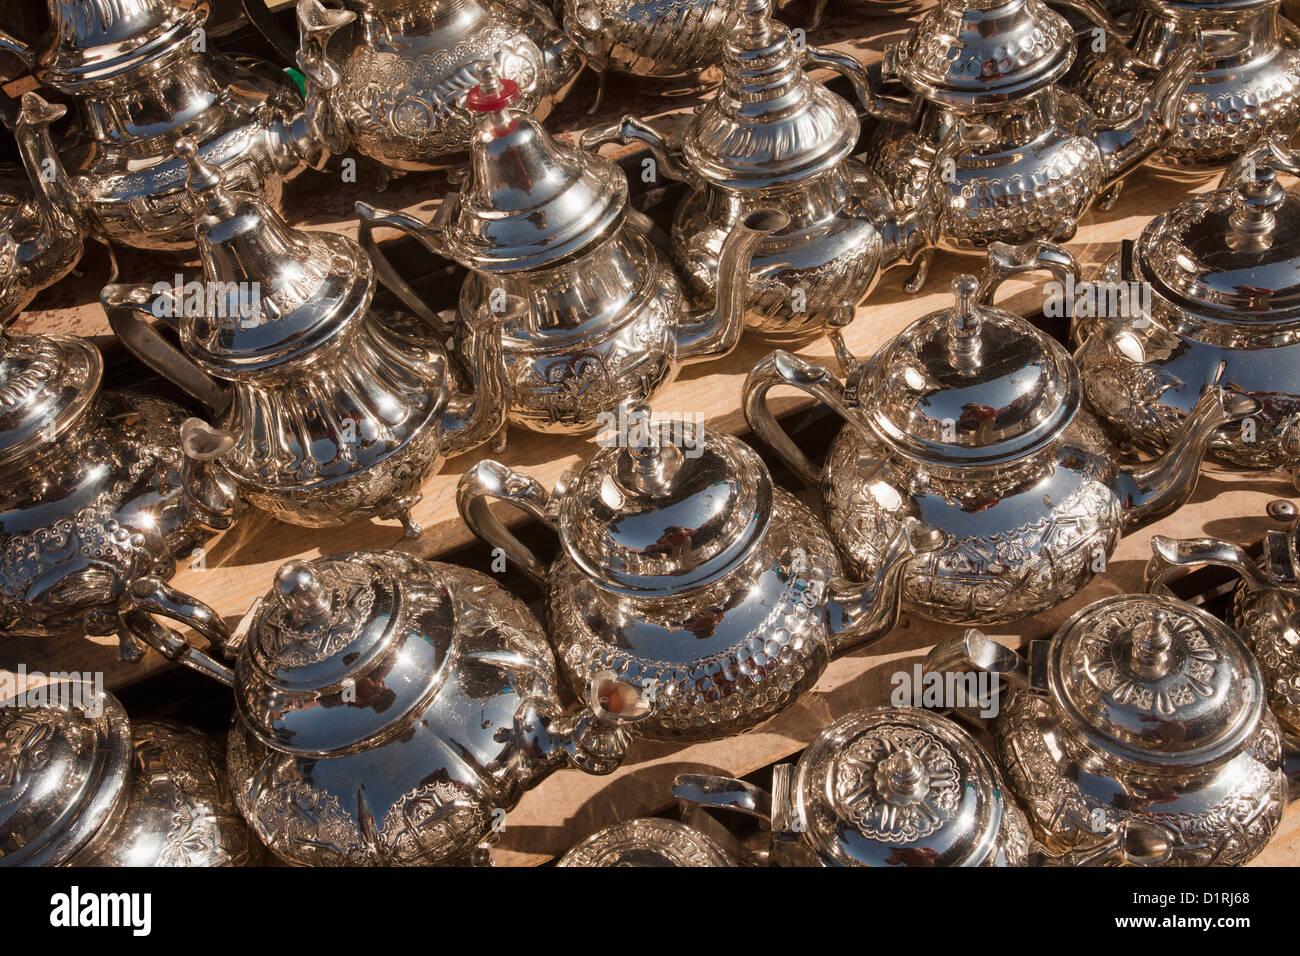 Il Marocco Marrakech, Mercato. Teiere in vendita. Foto Stock